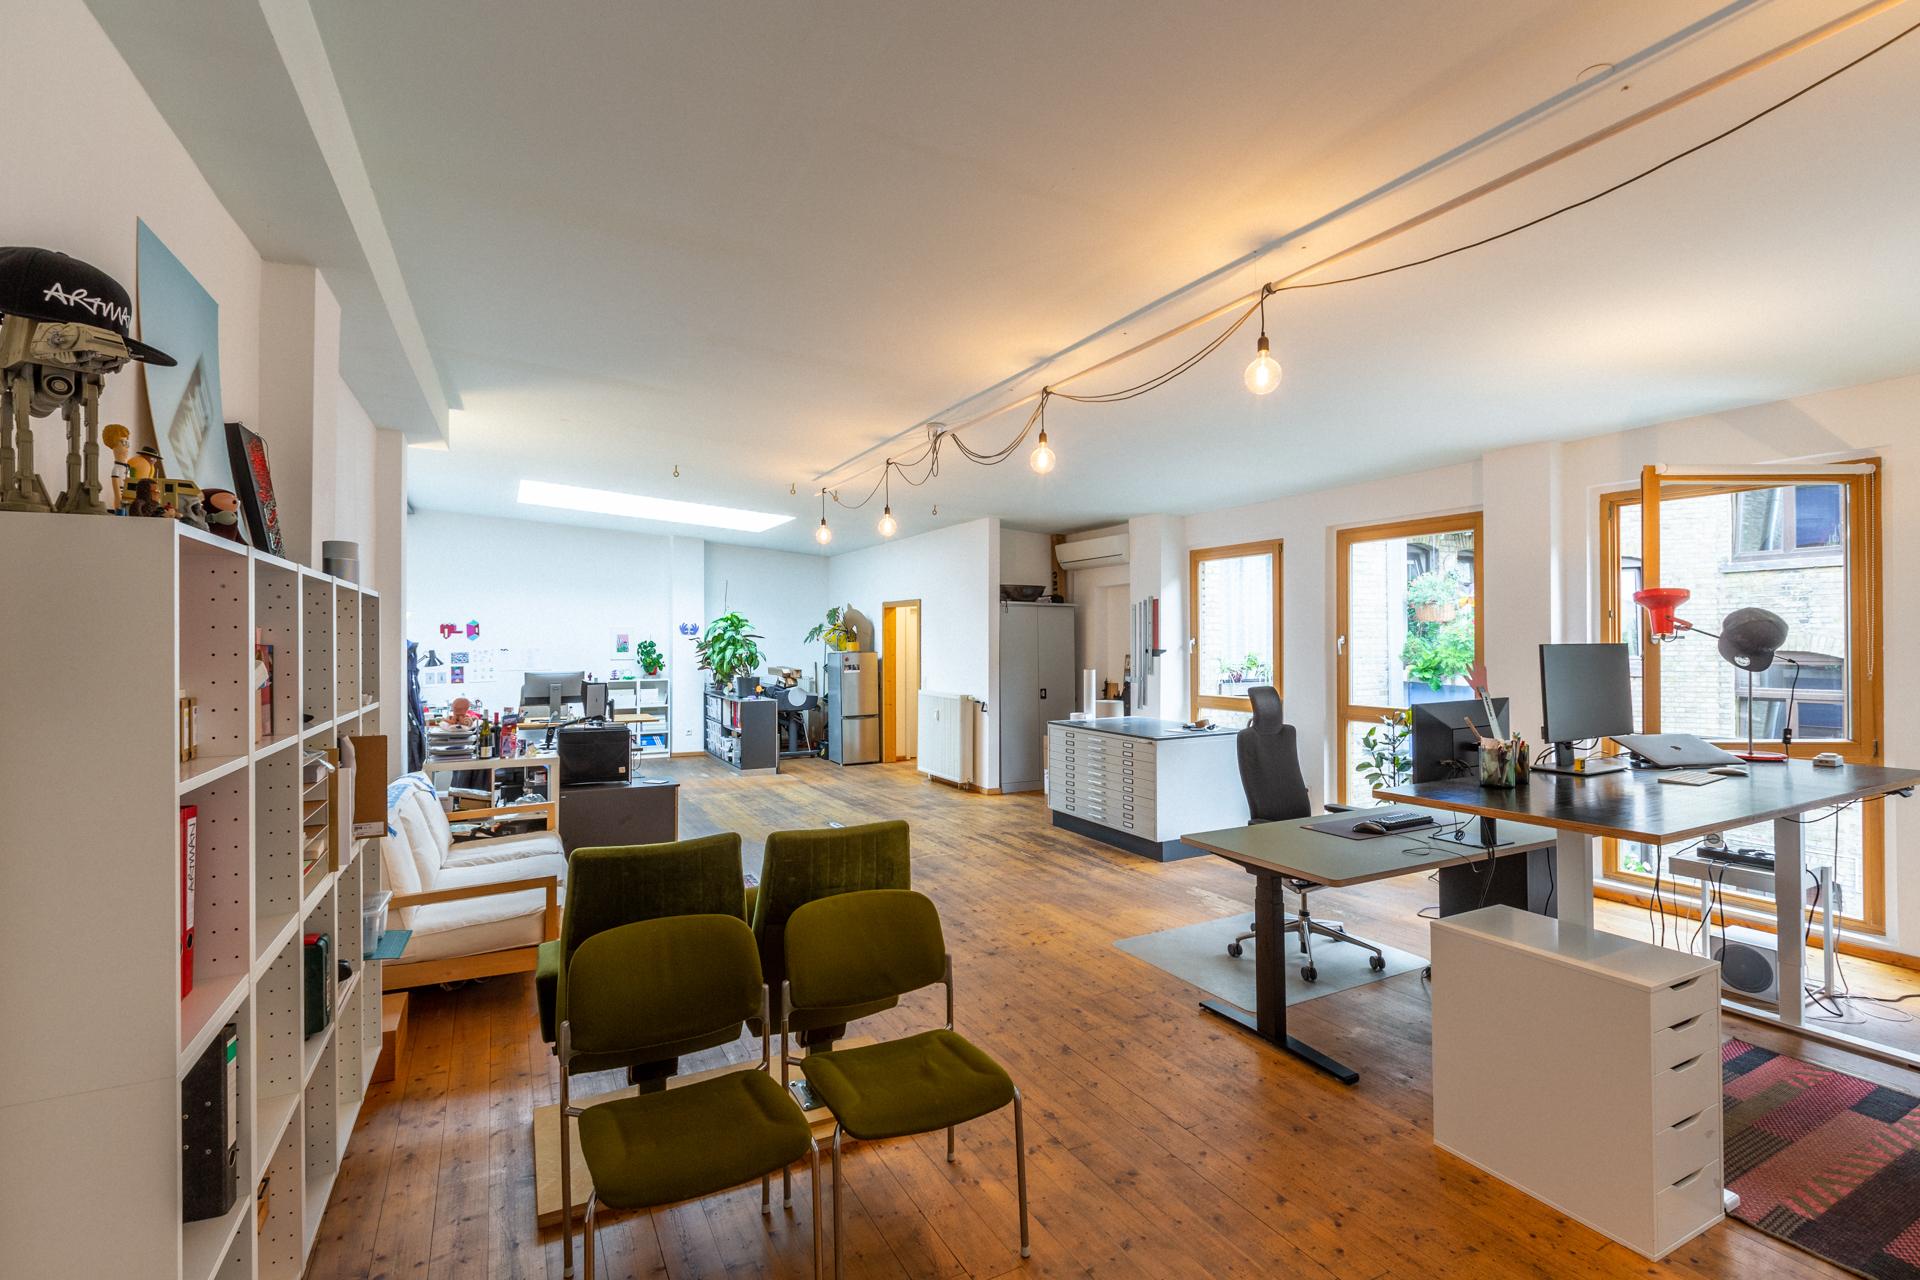 Das helle Hinterhaus-Loft in der Eichendorfstraße – eine helle Freude, hier zu Arbeiten. Und ein Schreibtisch ist zur Zeit noch frei ... Foto: Alexander Münch